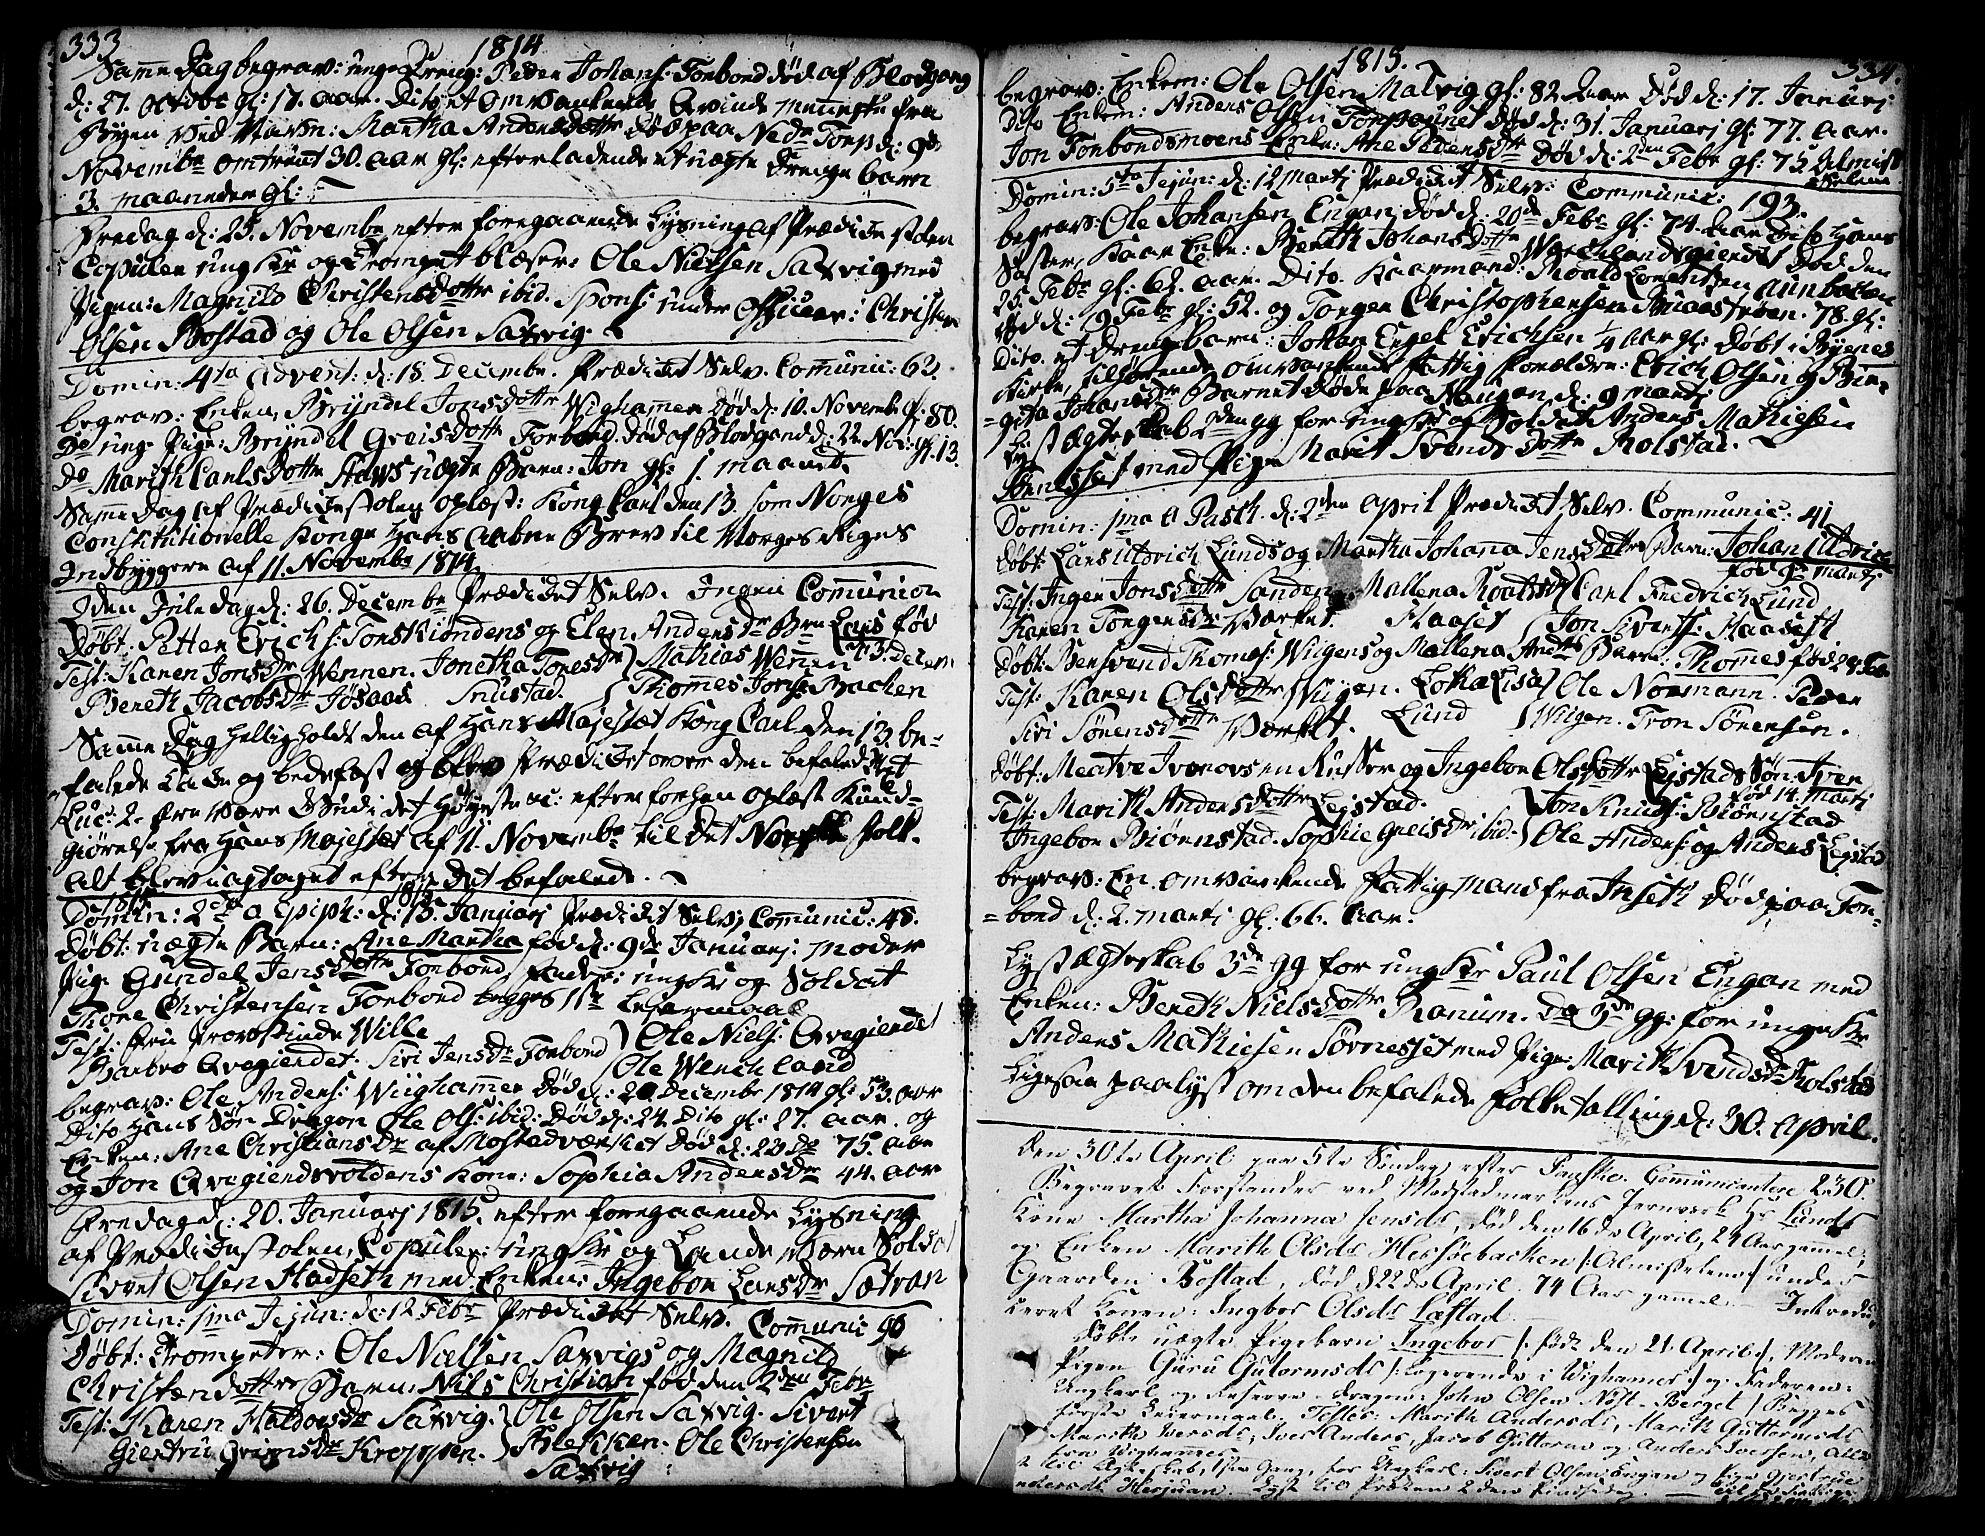 SAT, Ministerialprotokoller, klokkerbøker og fødselsregistre - Sør-Trøndelag, 606/L0281: Ministerialbok nr. 606A02 /2, 1781-1817, s. 333-334